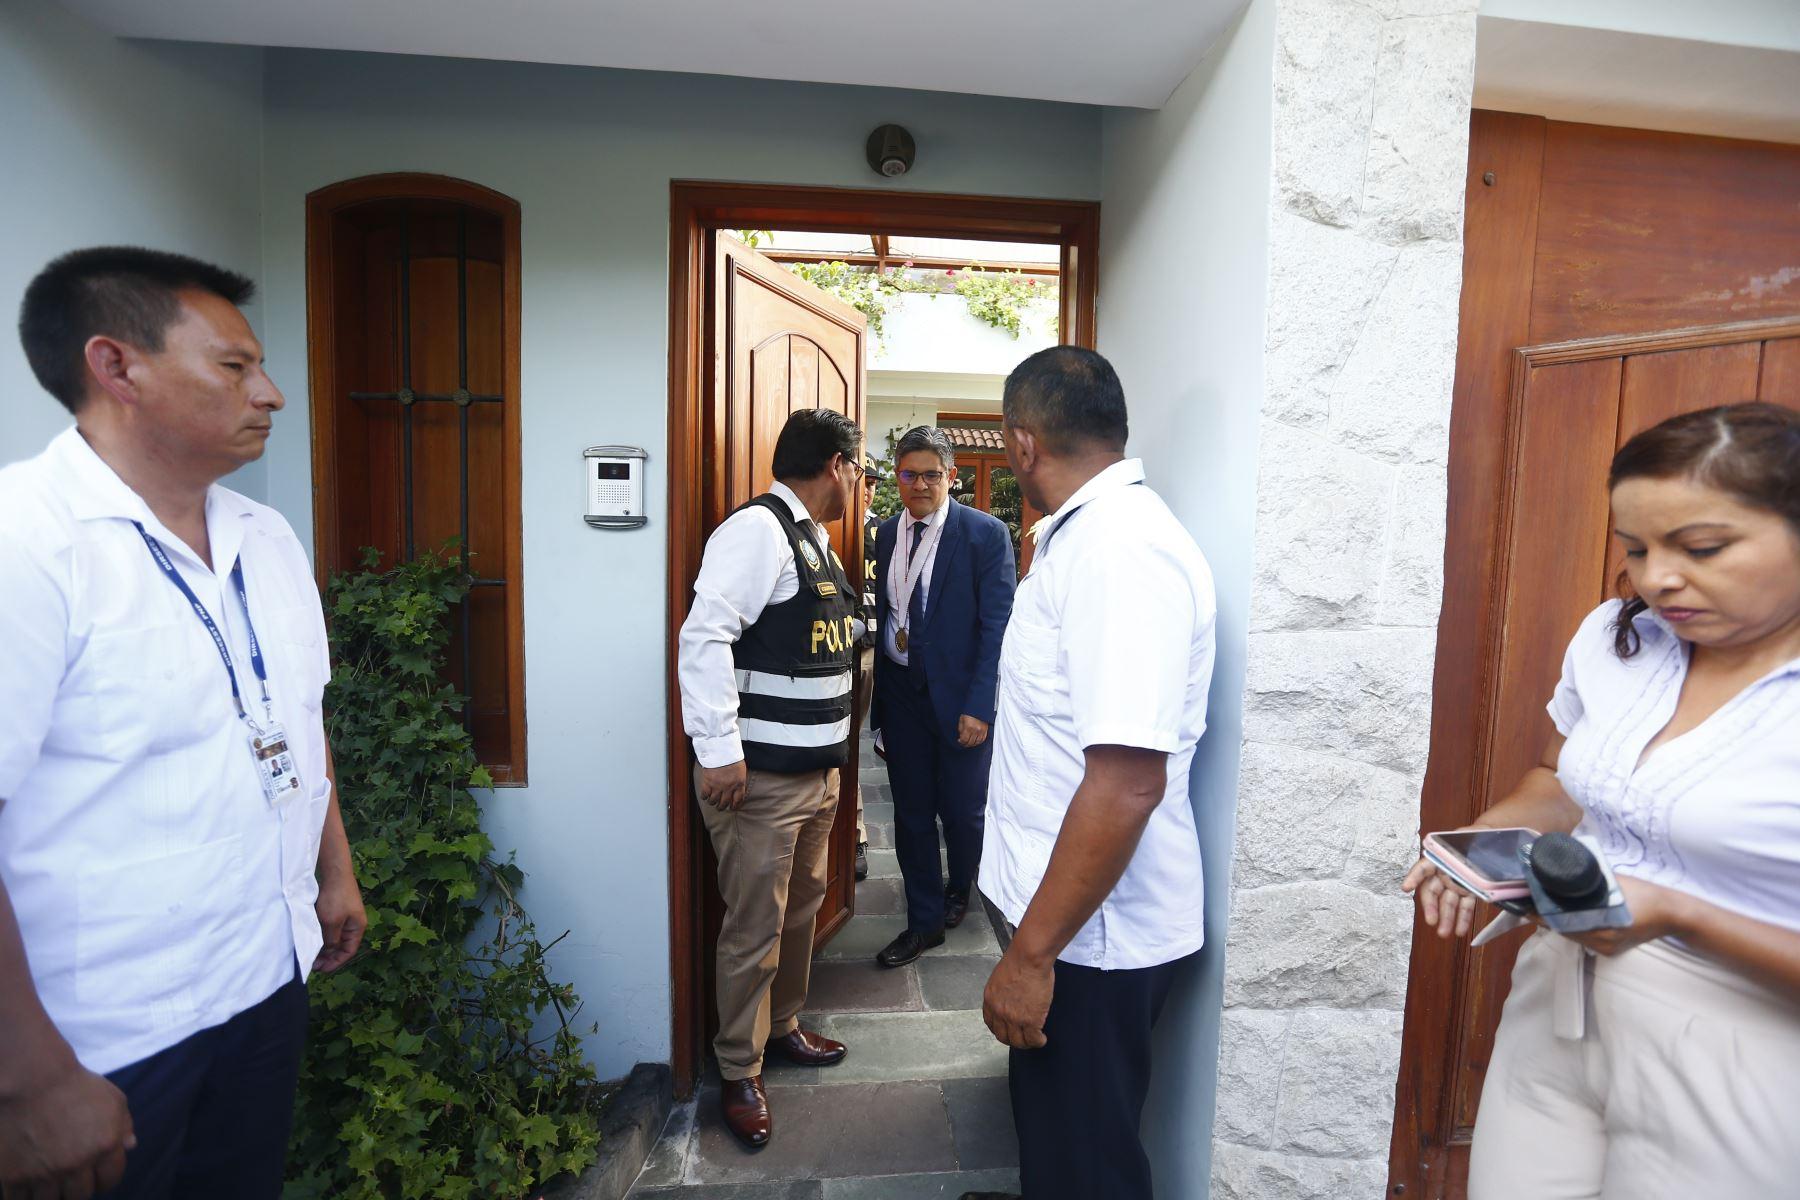 El fiscal José Domingo Pérez, declara a la prensa en la vivienda del ex gobernador regional de Lambayeque y ex presidente del Consejo de Ministros, Yehude Simon. Foto: ANDINA/Jhonel Rodríguez Robles